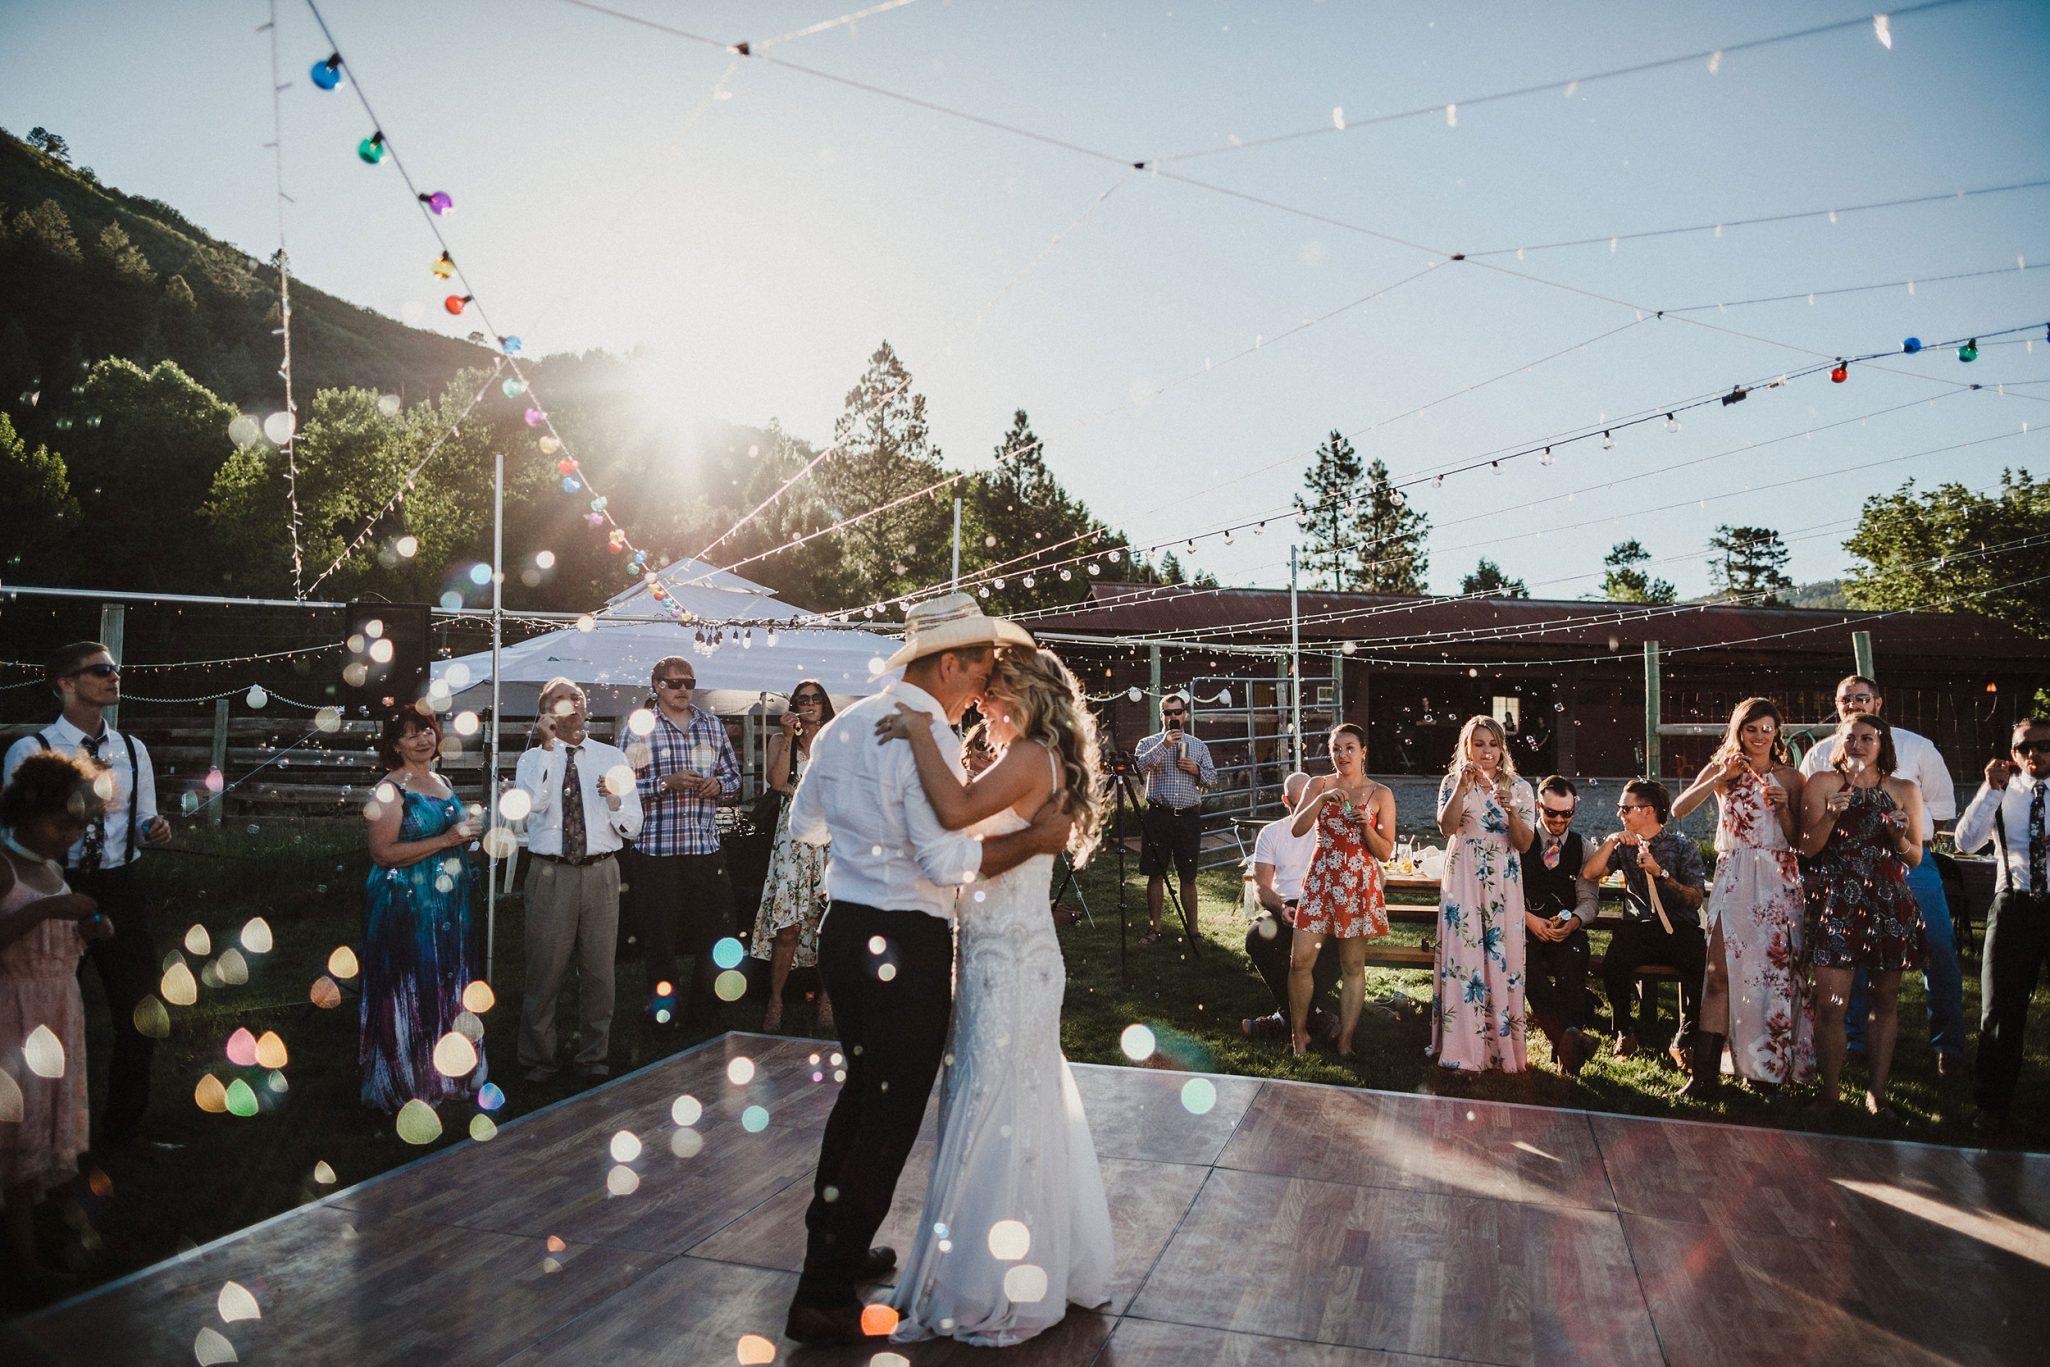 Outdoor dance floor - wedding reception